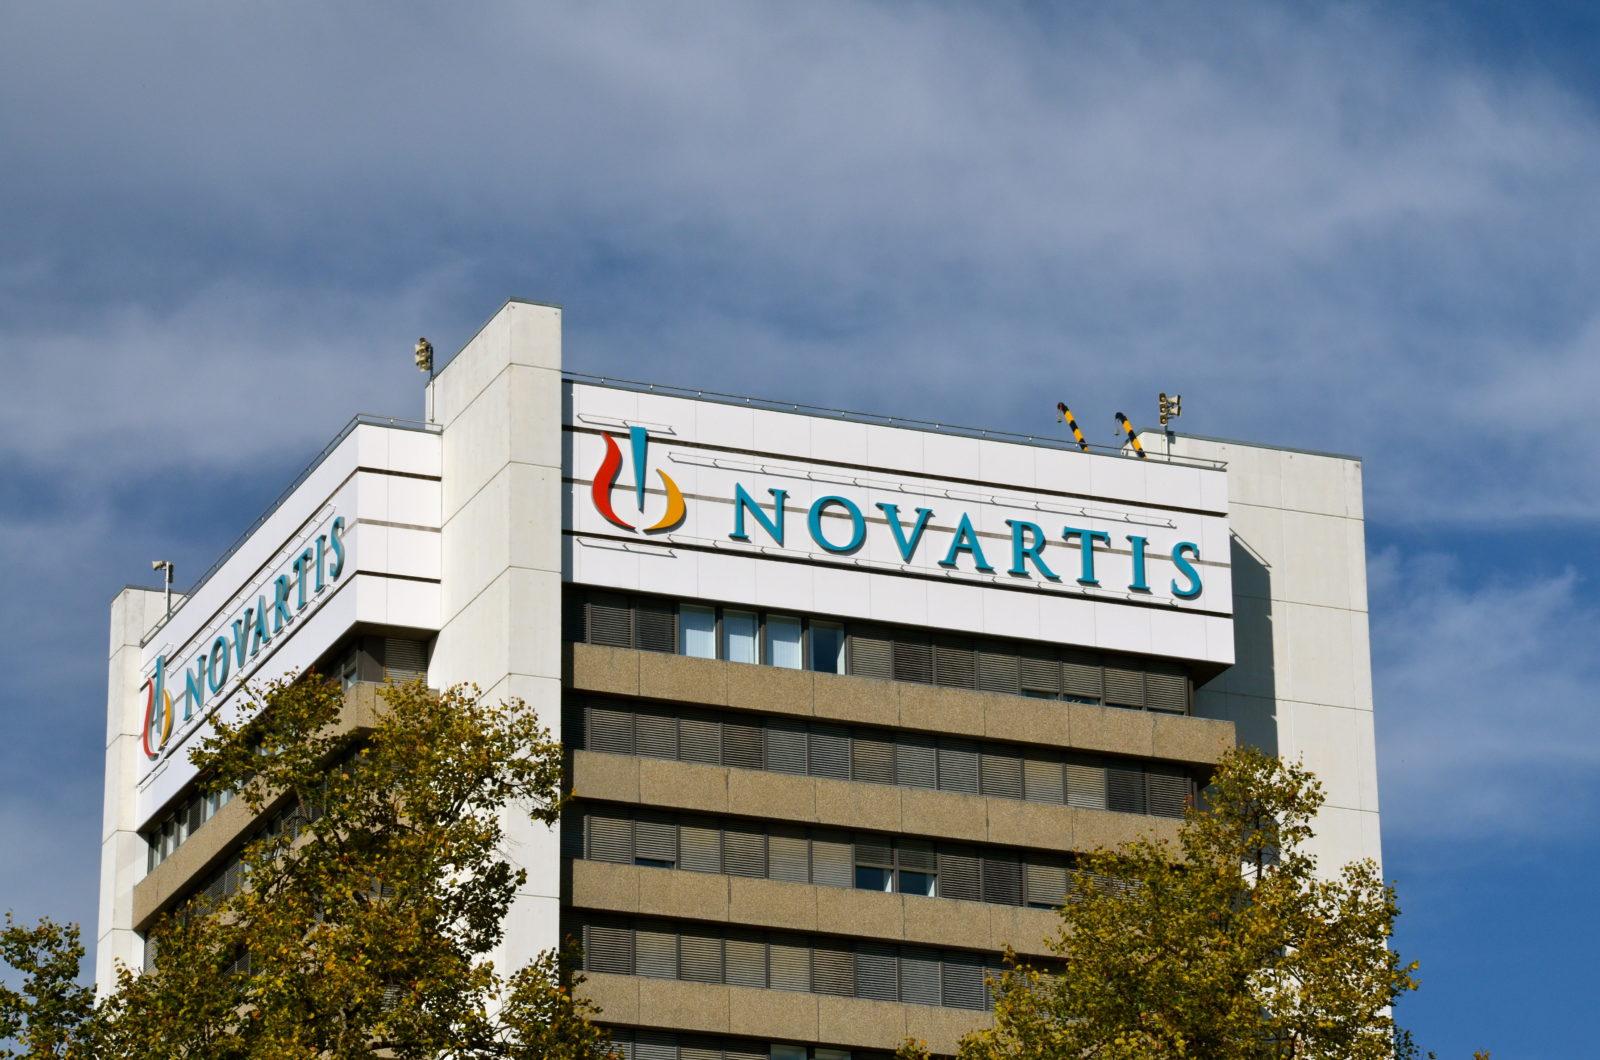 novartis-registra-receita-de-us-1226-bilhoes-no-no-3º-trimestre-deste-ano